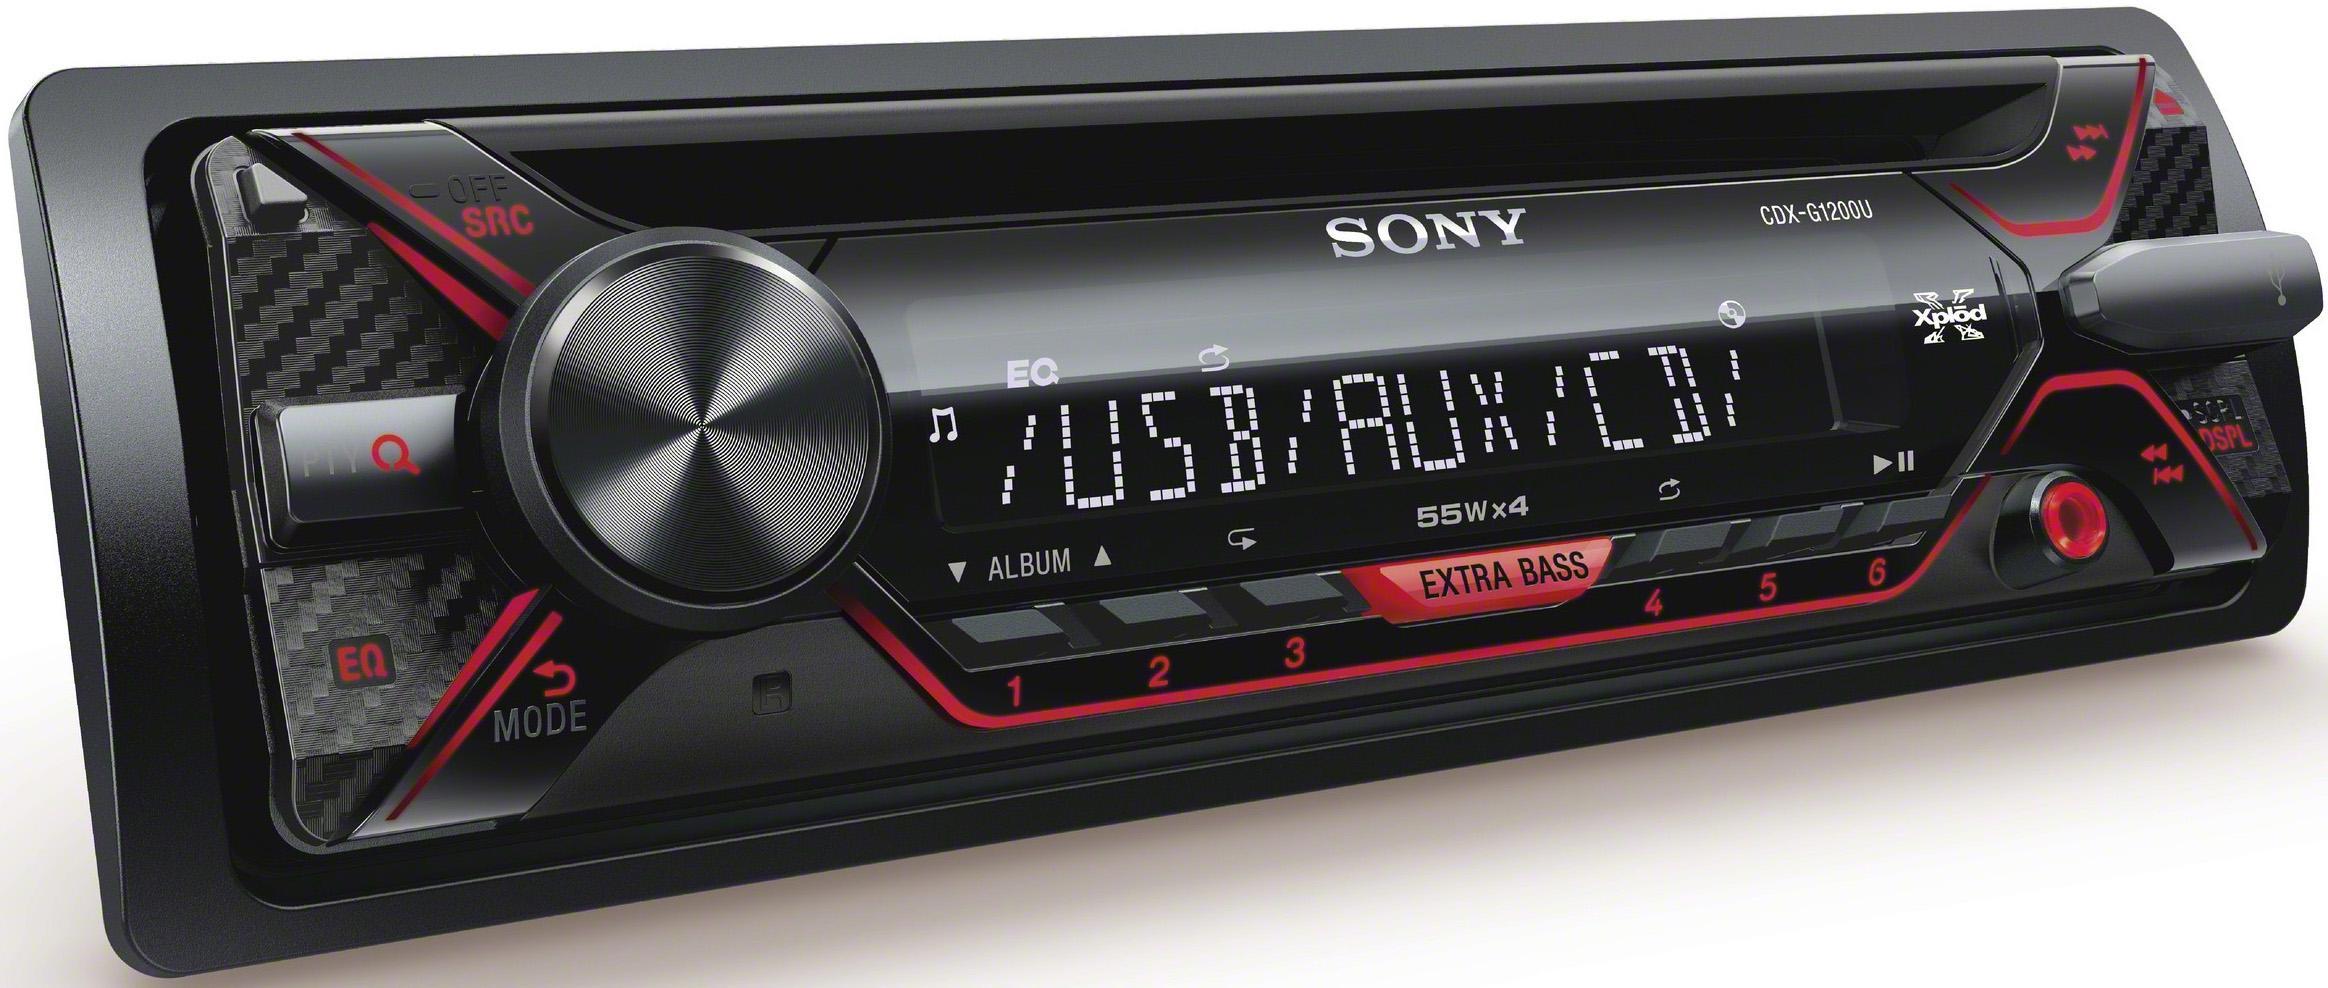 sony car stereo. sony cdx-g1200u car stereo m